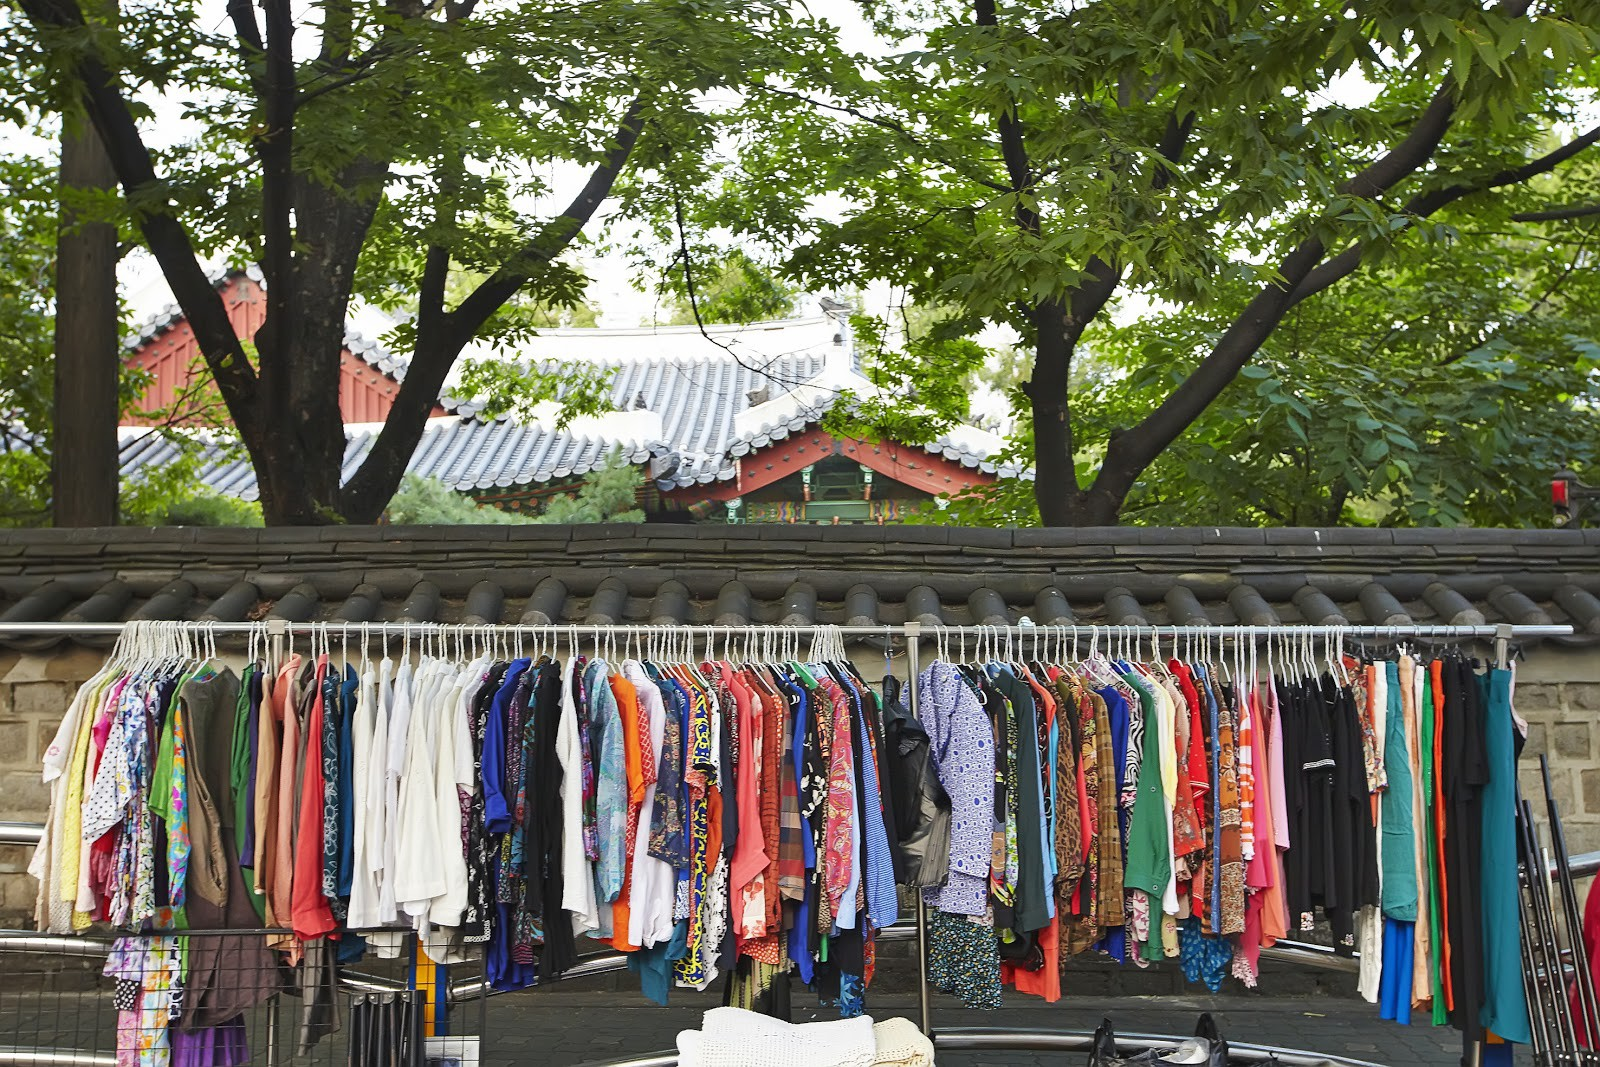 Bạn có biết về Dongmyo, khu chợ đồ Si ngay giữa lòng Seoul mà ngay cả G-Dragon cũng đến để săn đồ? - Ảnh 1.